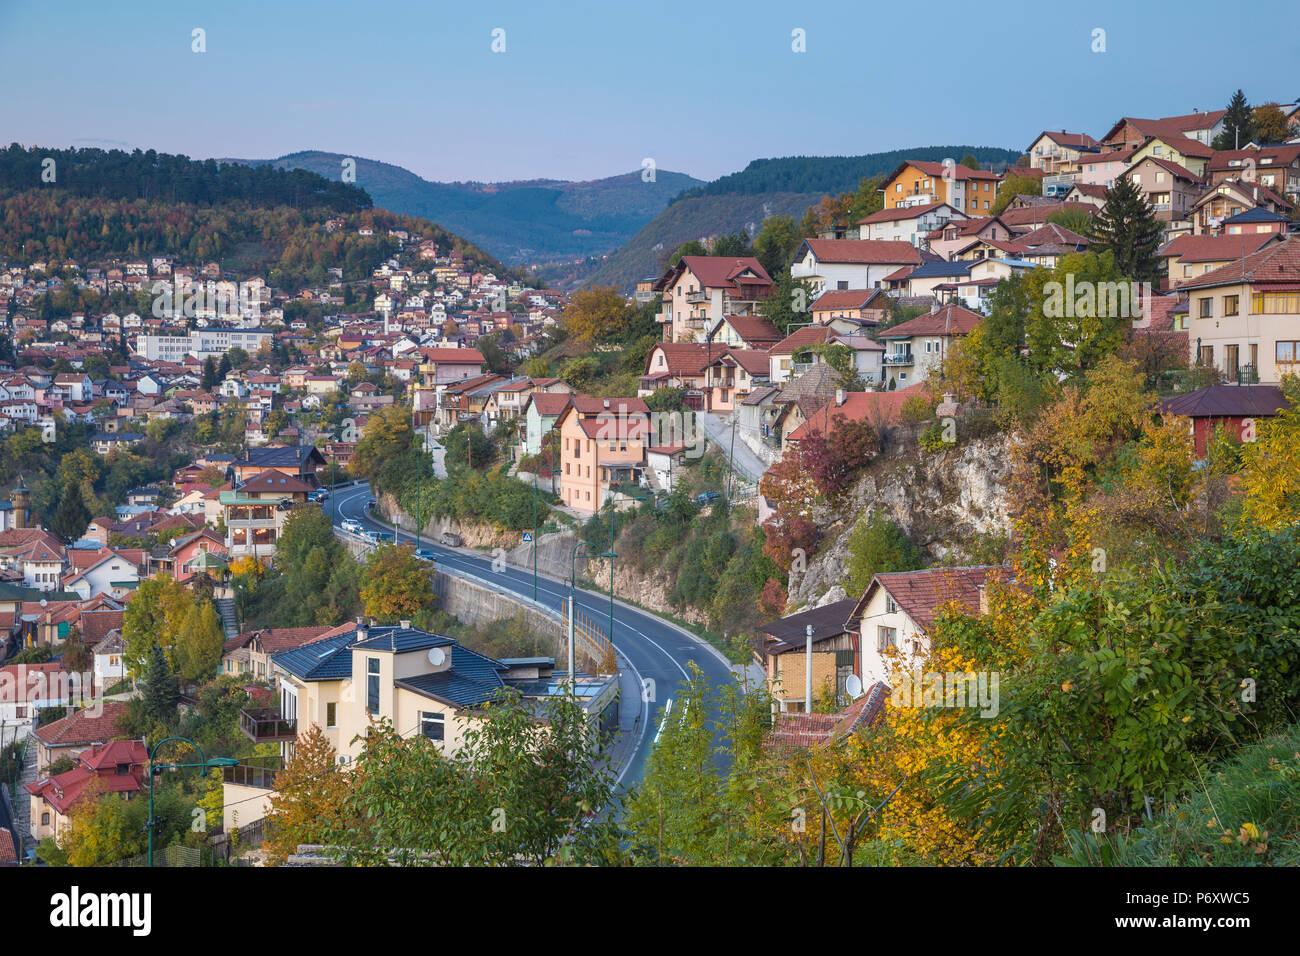 Bosnia and Herzegovina, Sarajevo, City  view - Stock Image